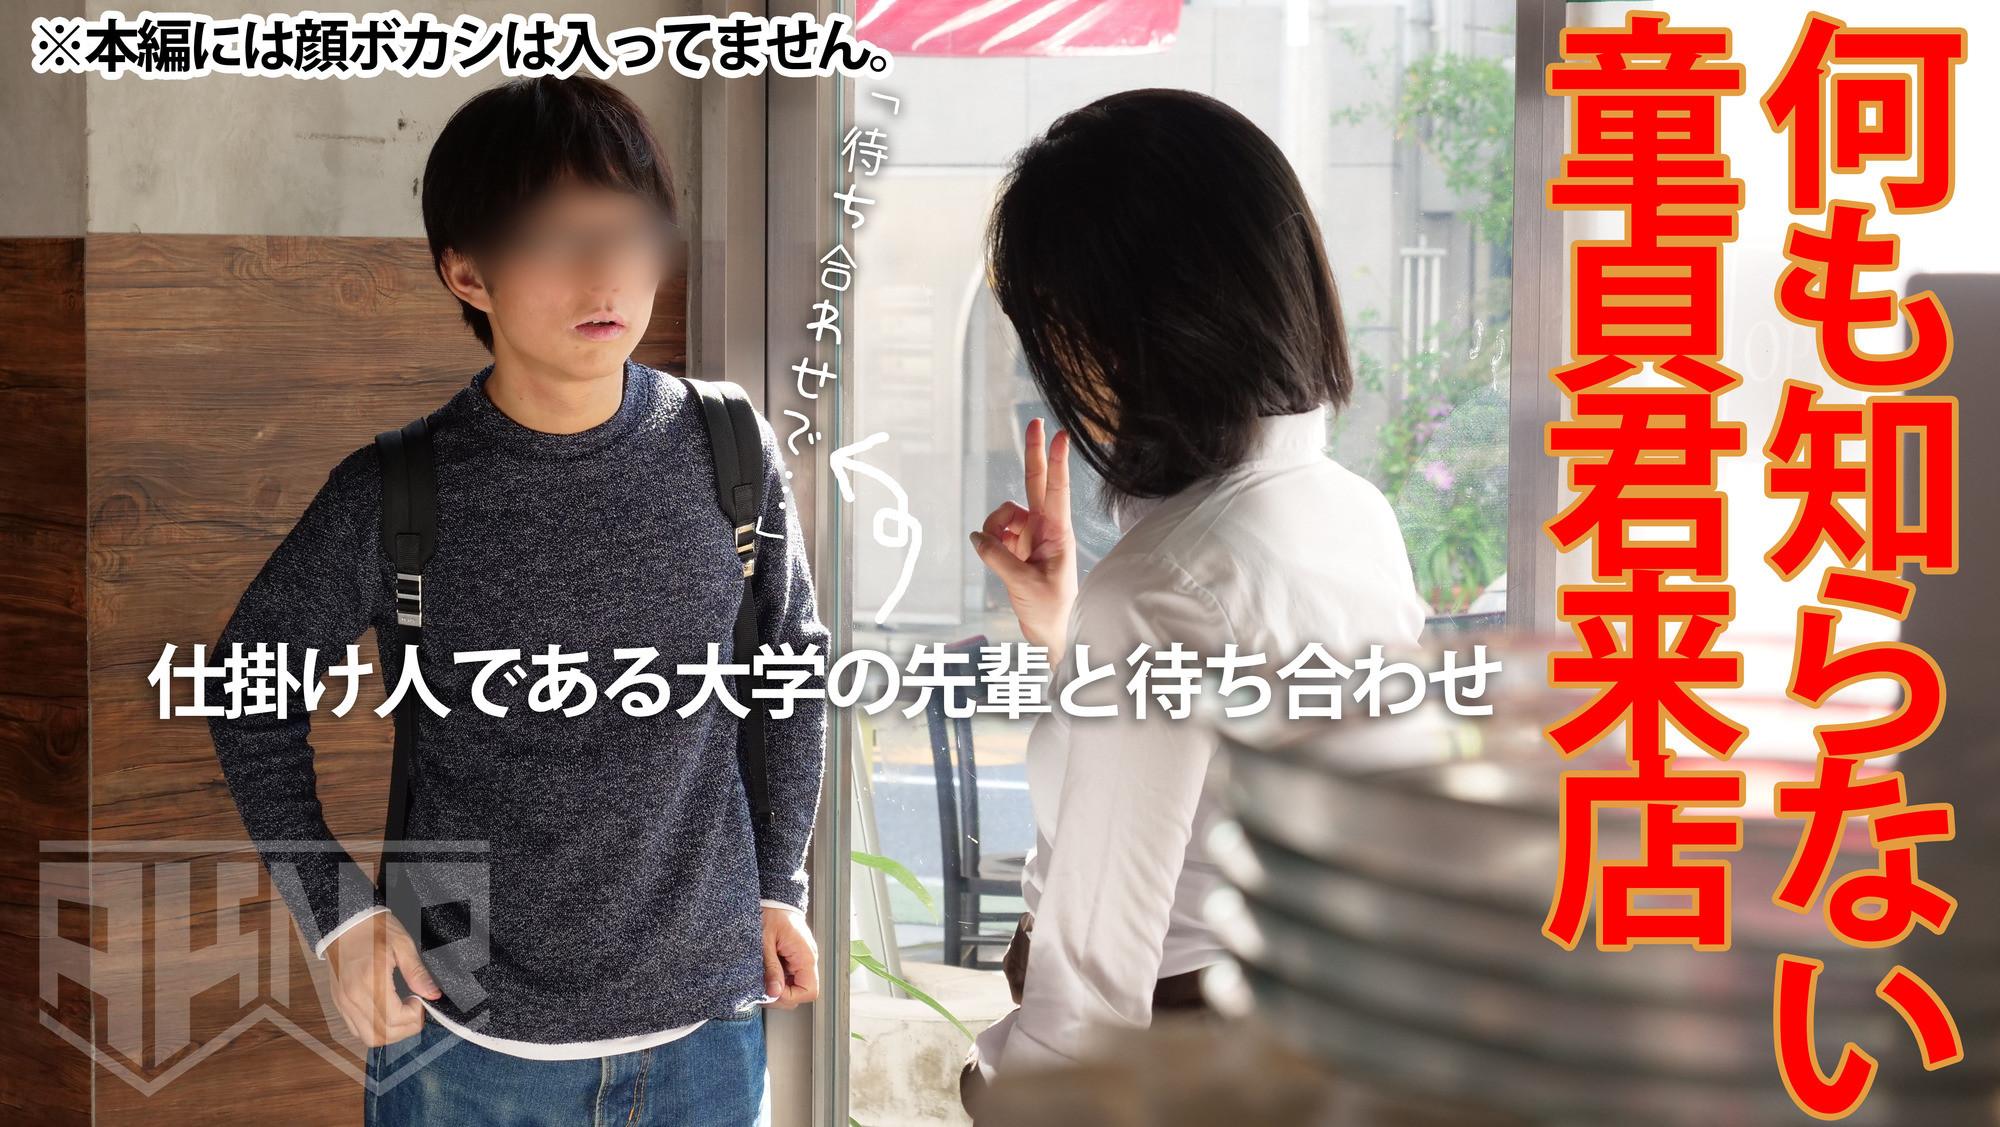 【検証AV】 童貞の席に相席となった女がおっぱいを出したら童貞君はどうする? 画像2